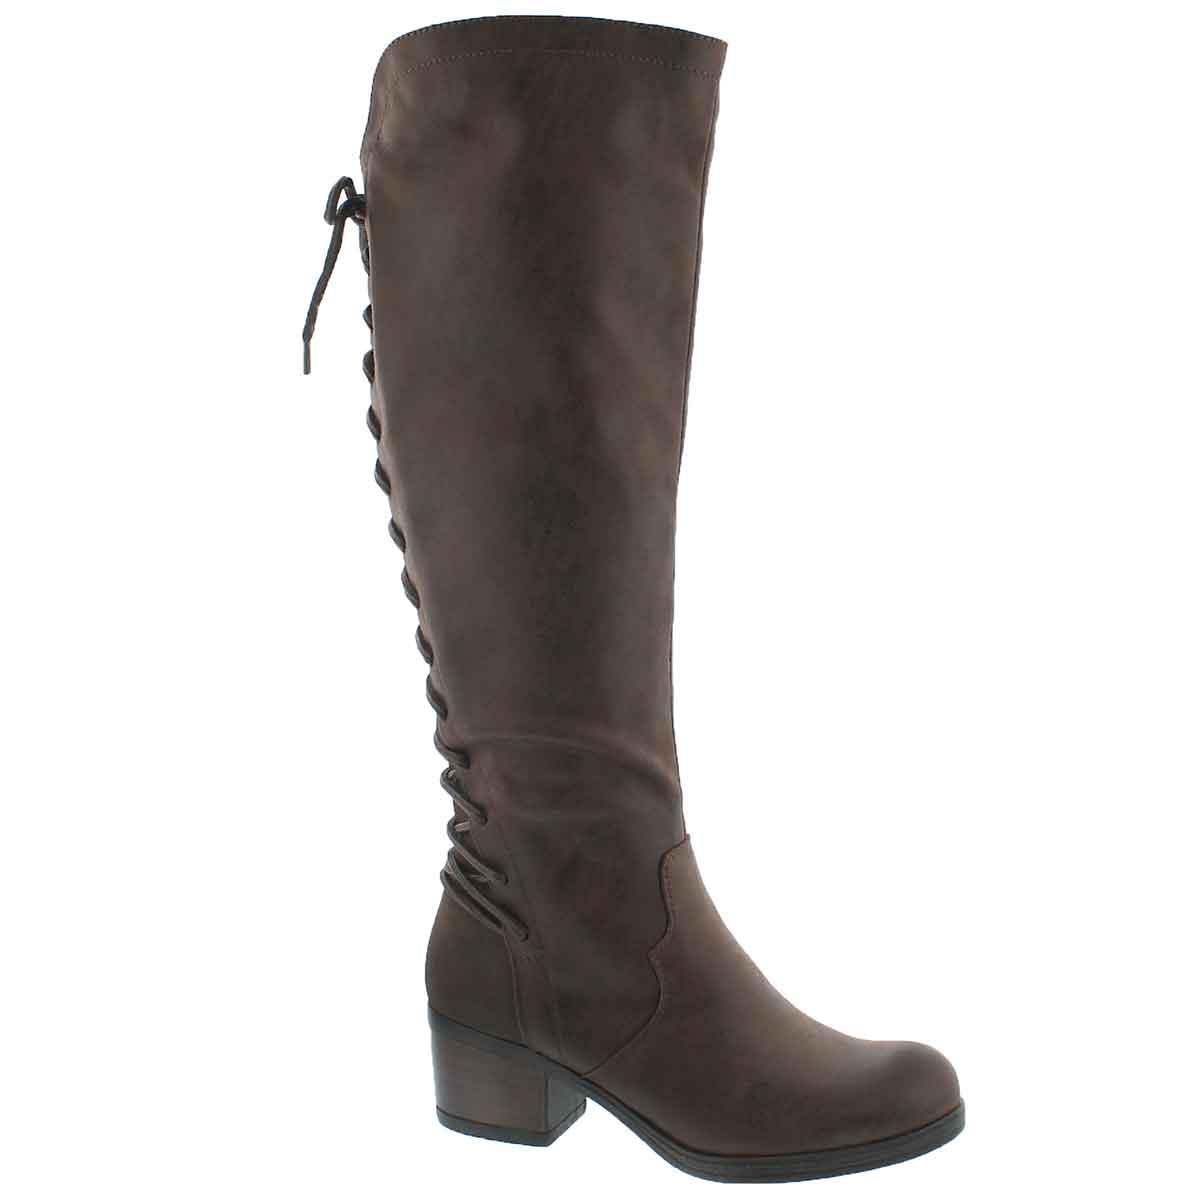 Women's BRETTE brown knee high dress boots